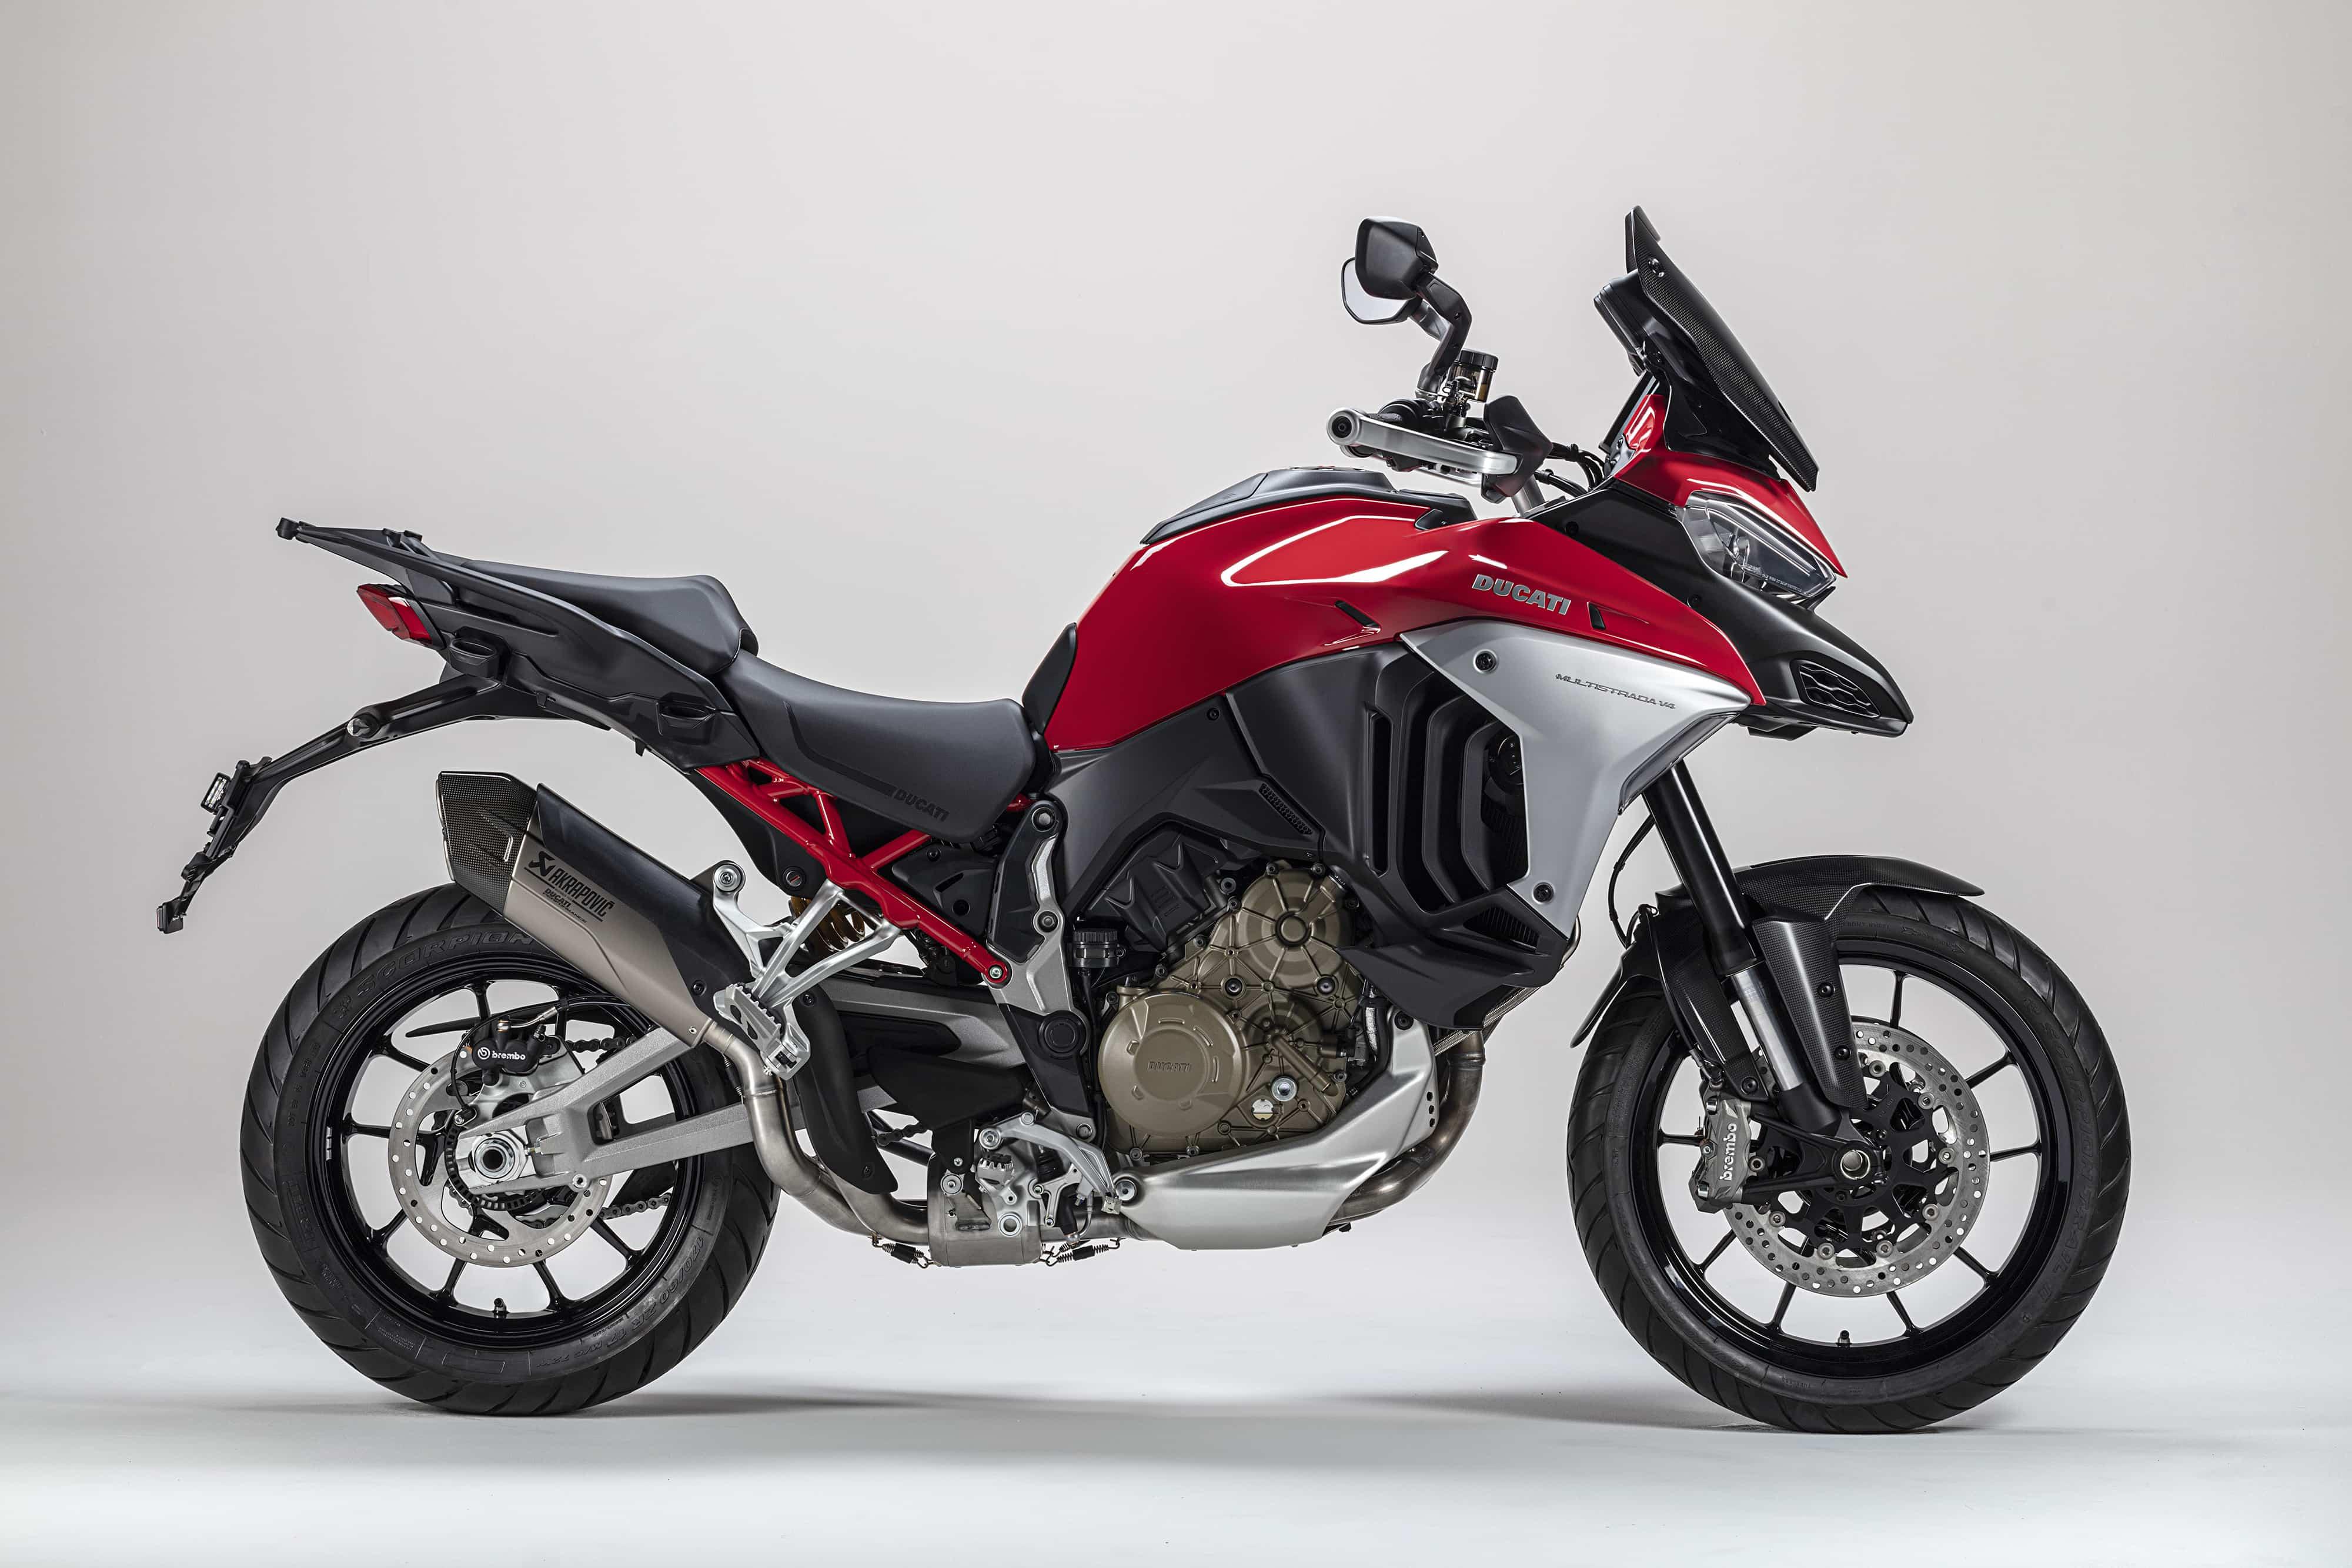 Ducati ムルティストラーダV4用のサーキット走行用エグゾースト・ユニット、型式認証済みサイレンサーを発表